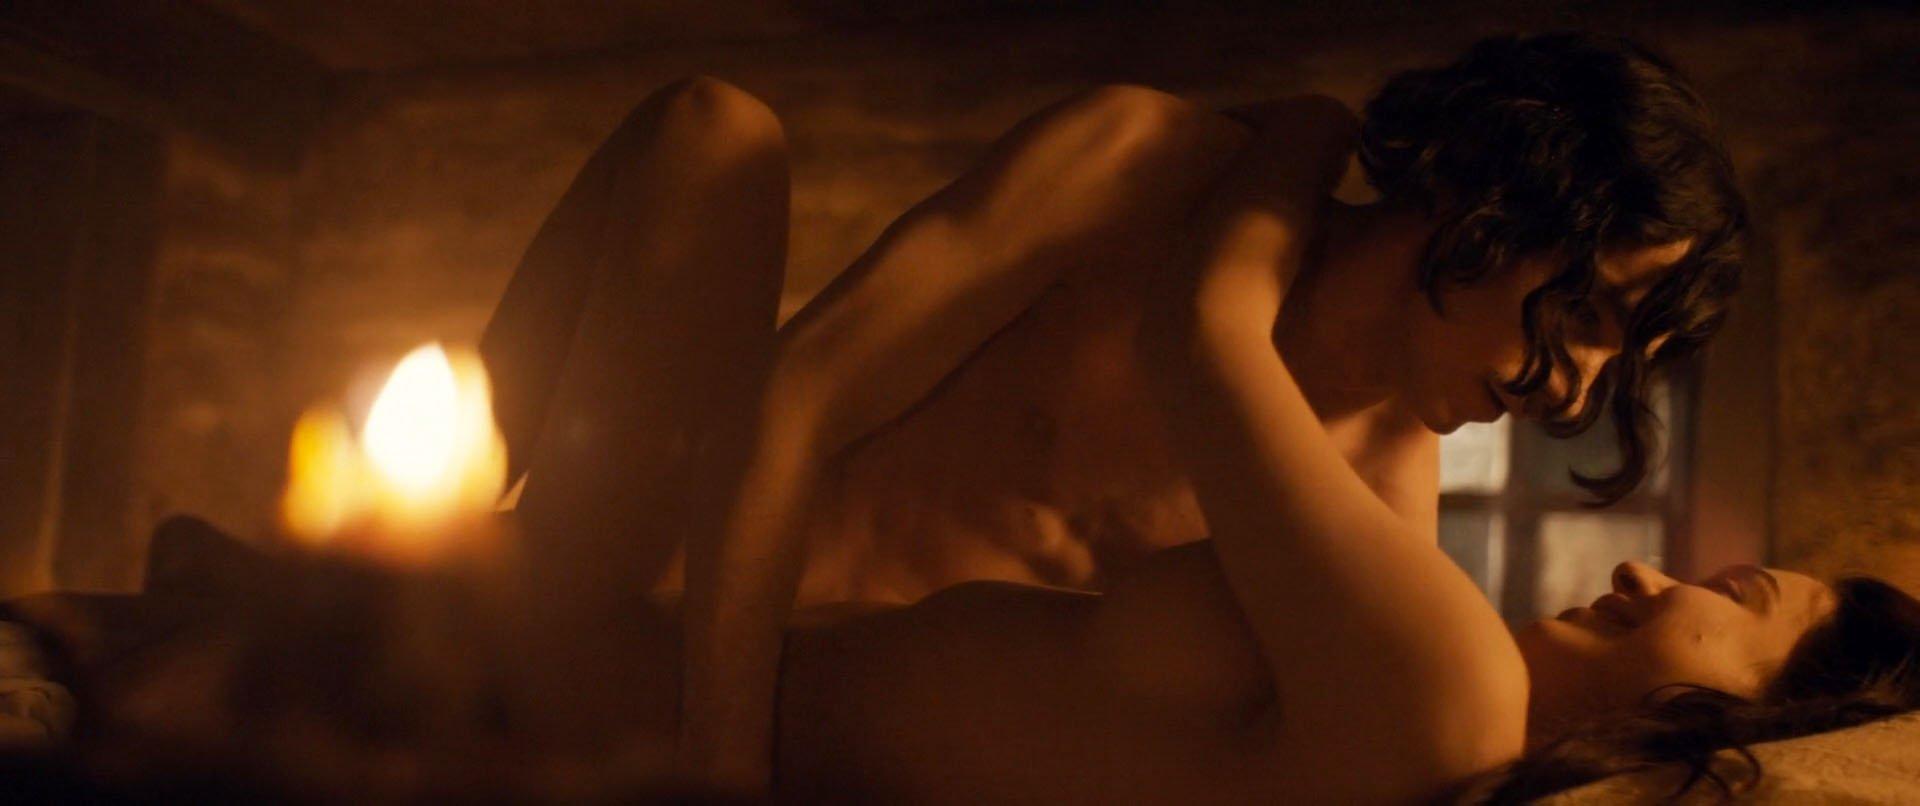 Taisiya Vilkova nude, Julia Franz nude - Gogol. Nachalo (2017)